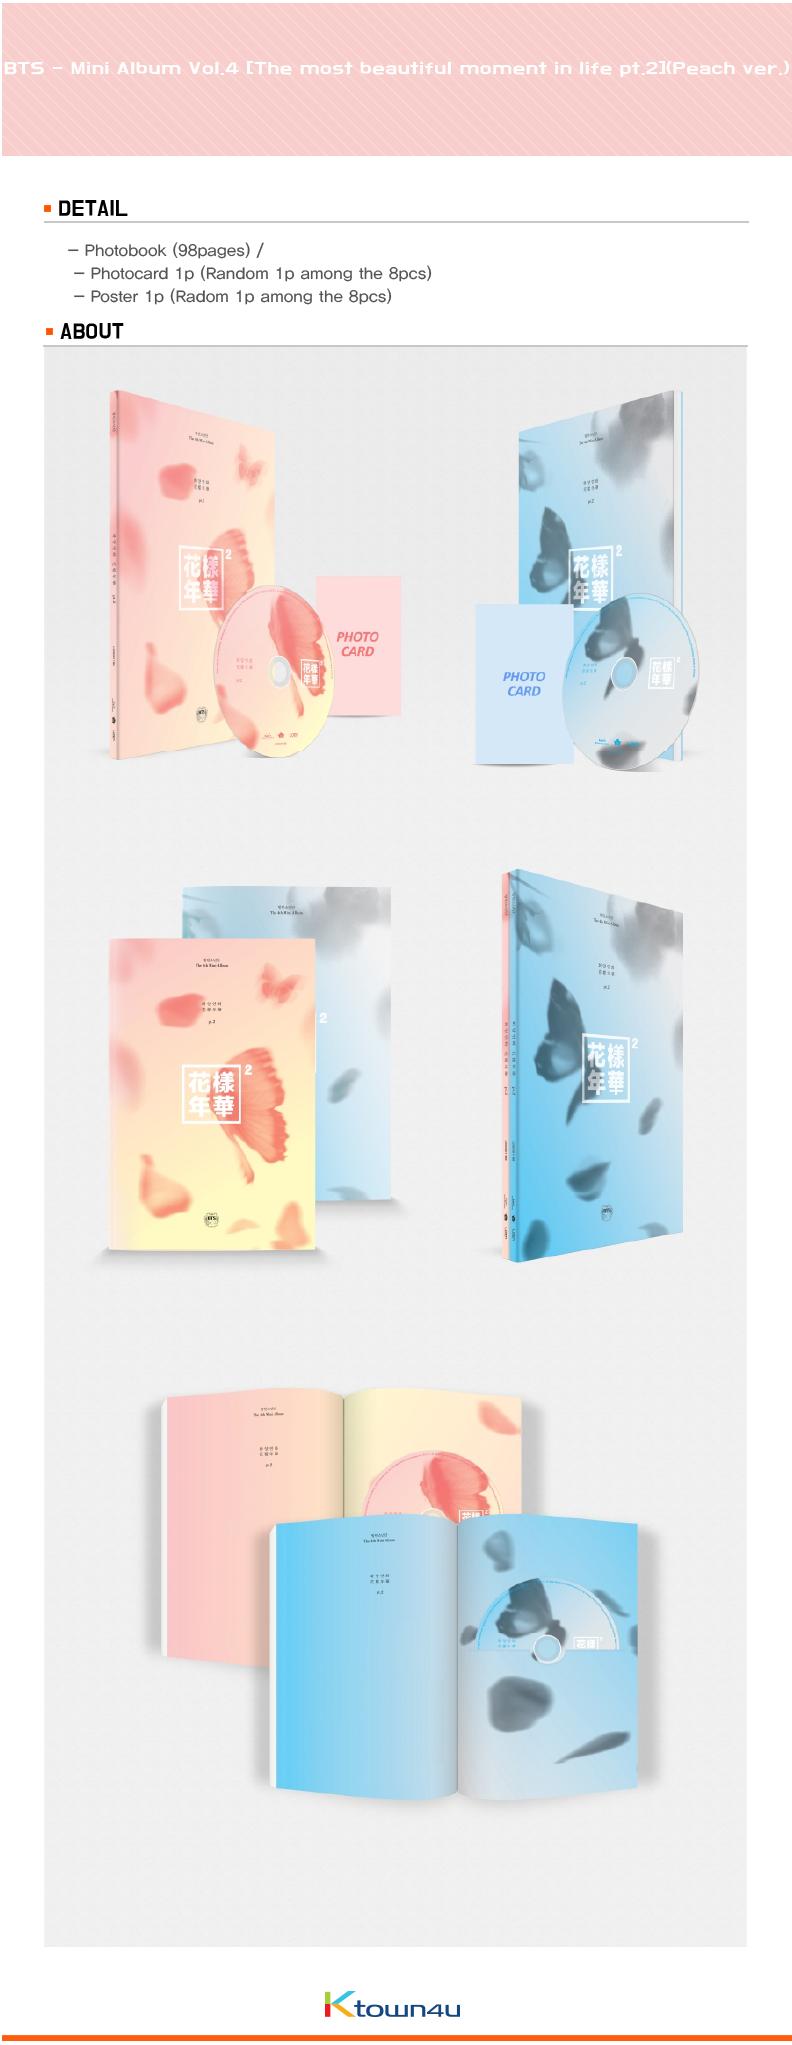 BTS - MINI ALBUM VOL.4 [THE MOST BEAUTIFUL MOMENT IN LIFE PT2] PEACH VER